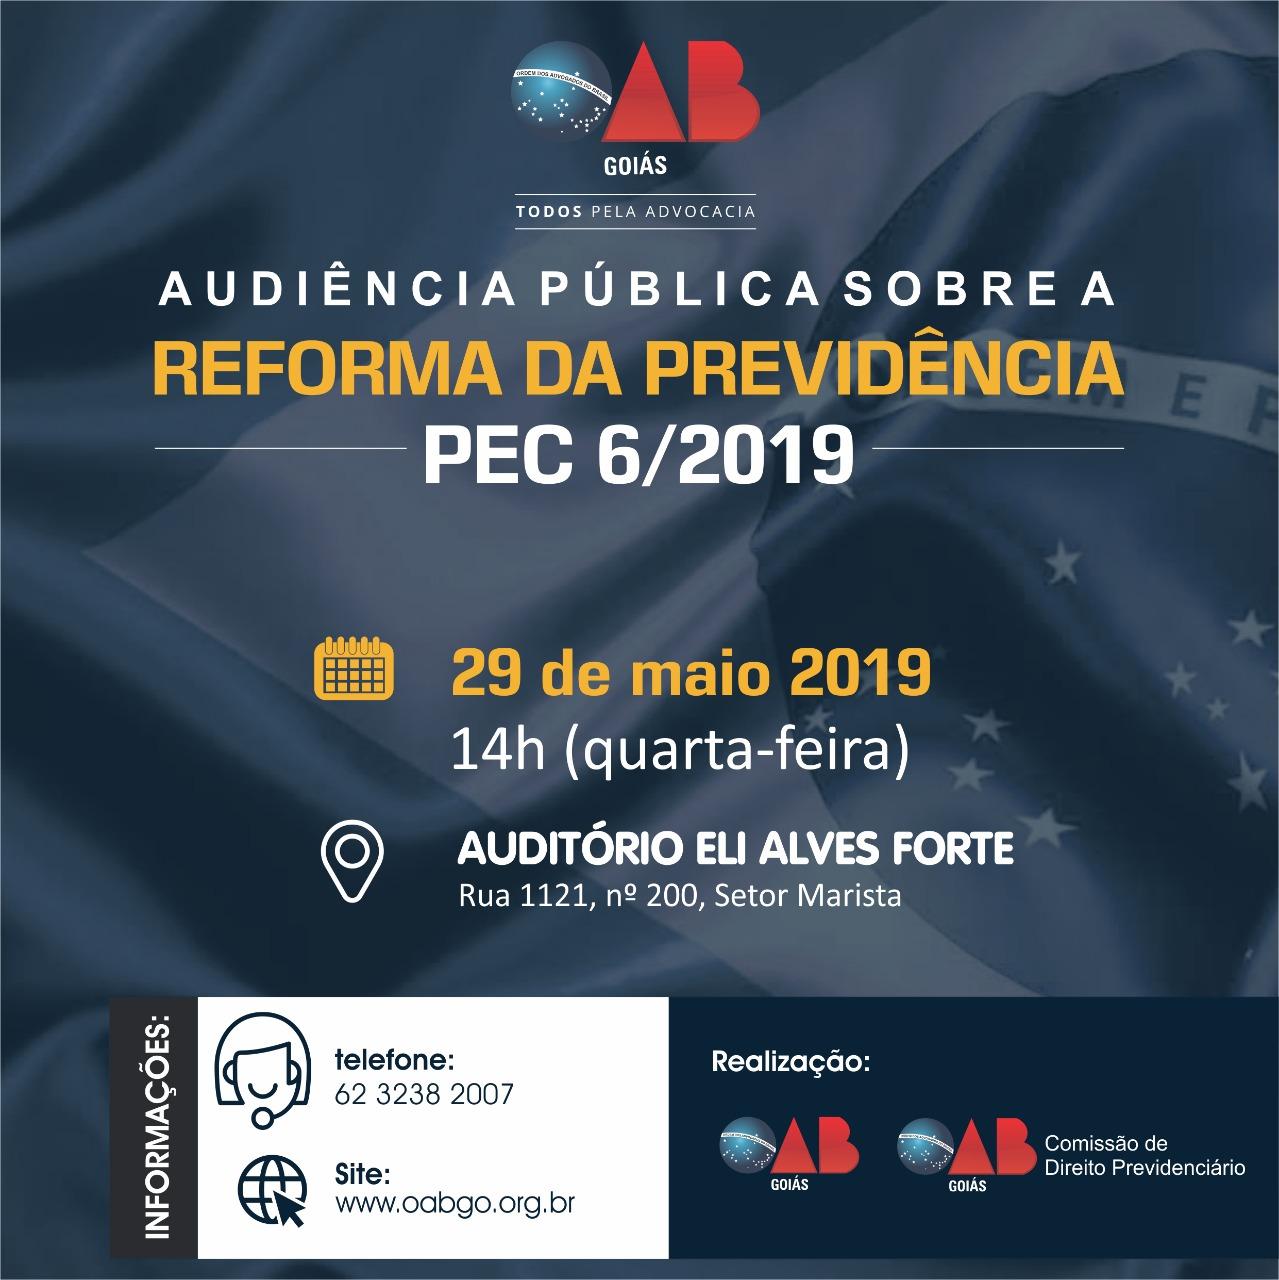 29.05 - Audiência Pública - Reforma da Previdência